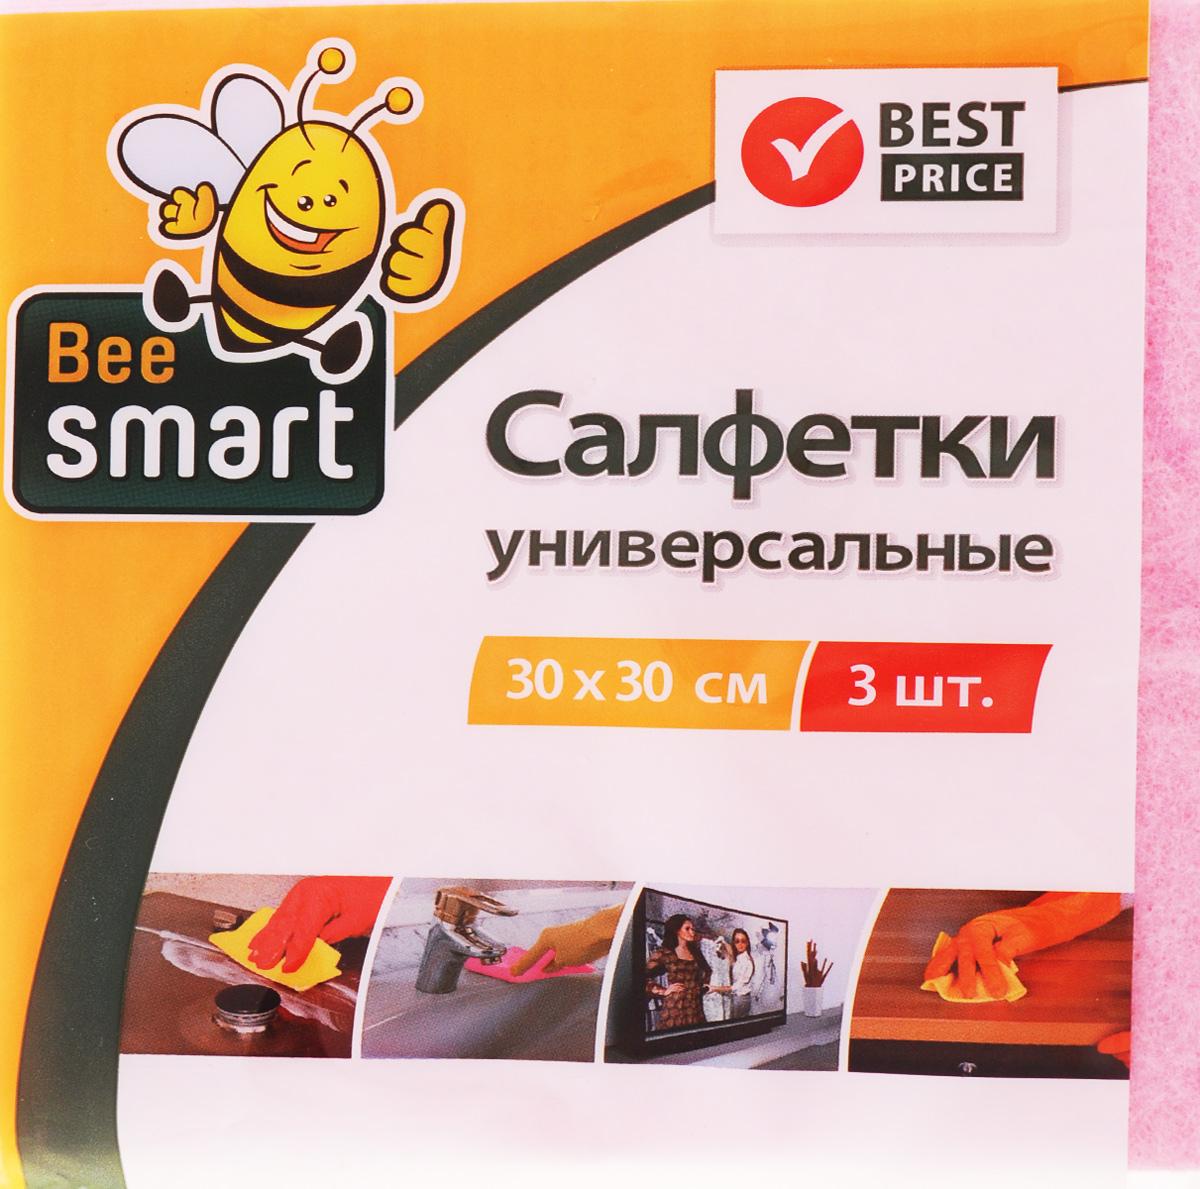 Набор универсальных салфеток Beesmart, 30 х 30 см, 3 шт410022Набор Beesmart, выполненный из нетканого полотна (вискоза, полиэстер), состоит из 3 салфеток. Изделия предназначены для сухой и влажной уборки. Отлично впитывают жидкости, жиры, масла. Пригодны для многоразового использования, долговечны, не оставляют следов и ворсинок. Размер салфетки: 30 х 30 см.